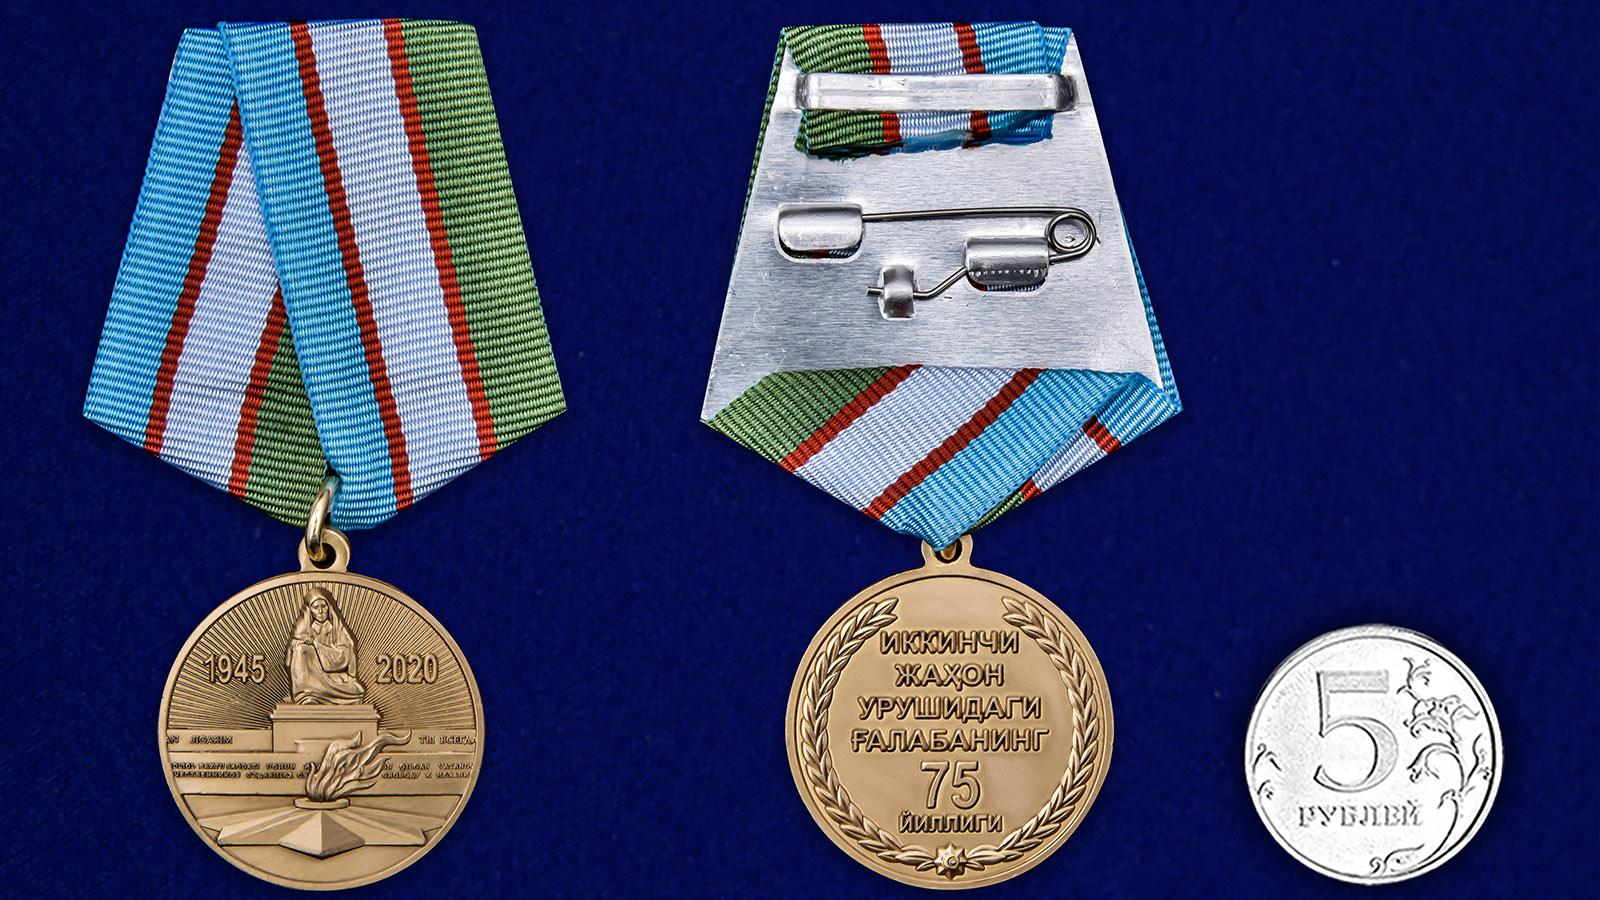 Юбилейная медаль Узбекистана 75 лет Победы во Второй мировой войне - сравнительный вид